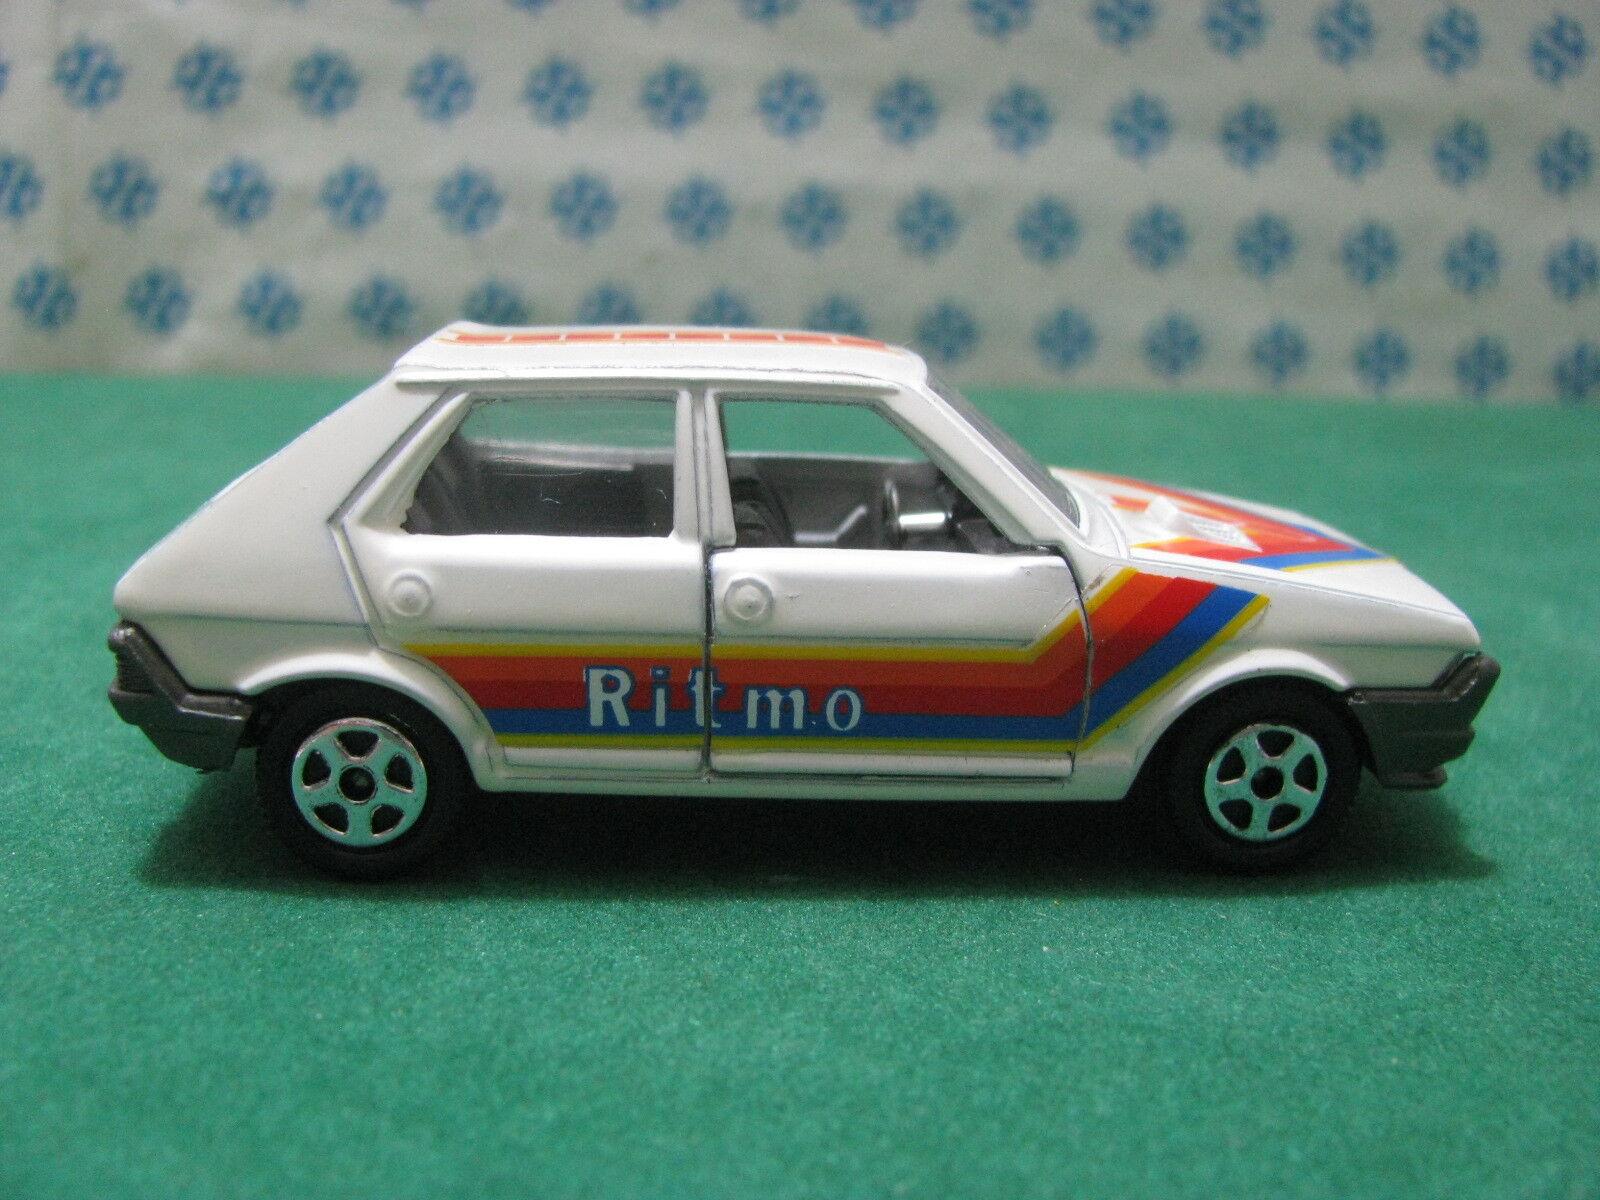 RARO Vintage Vintage Vintage - FIAT RITMO 65 Especial - 1 43 Hot Wheels  - nueva 8b90d3